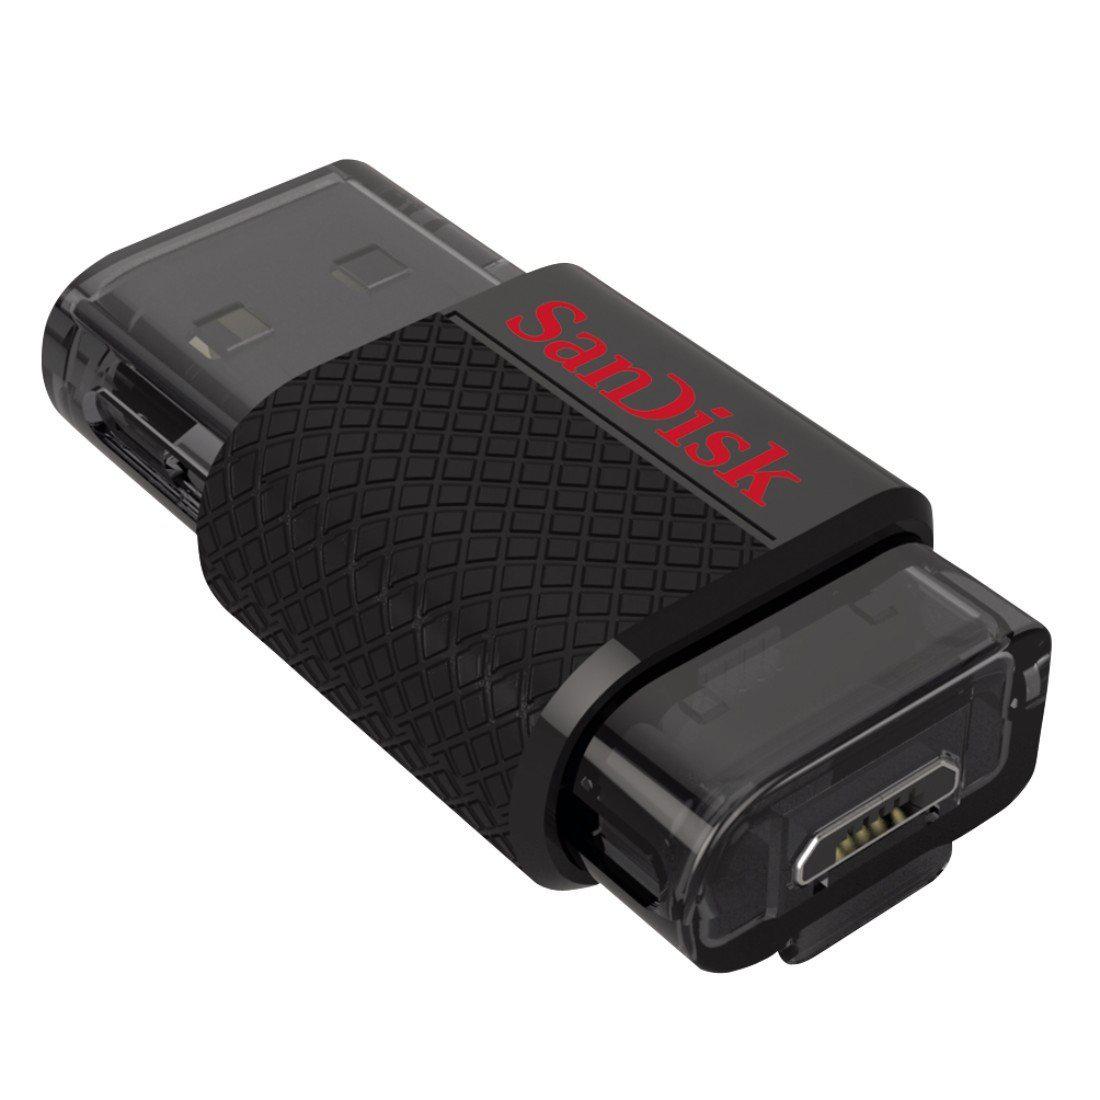 Clé USB / micro-USB OTG Sandisk Dual Drive 64 Go